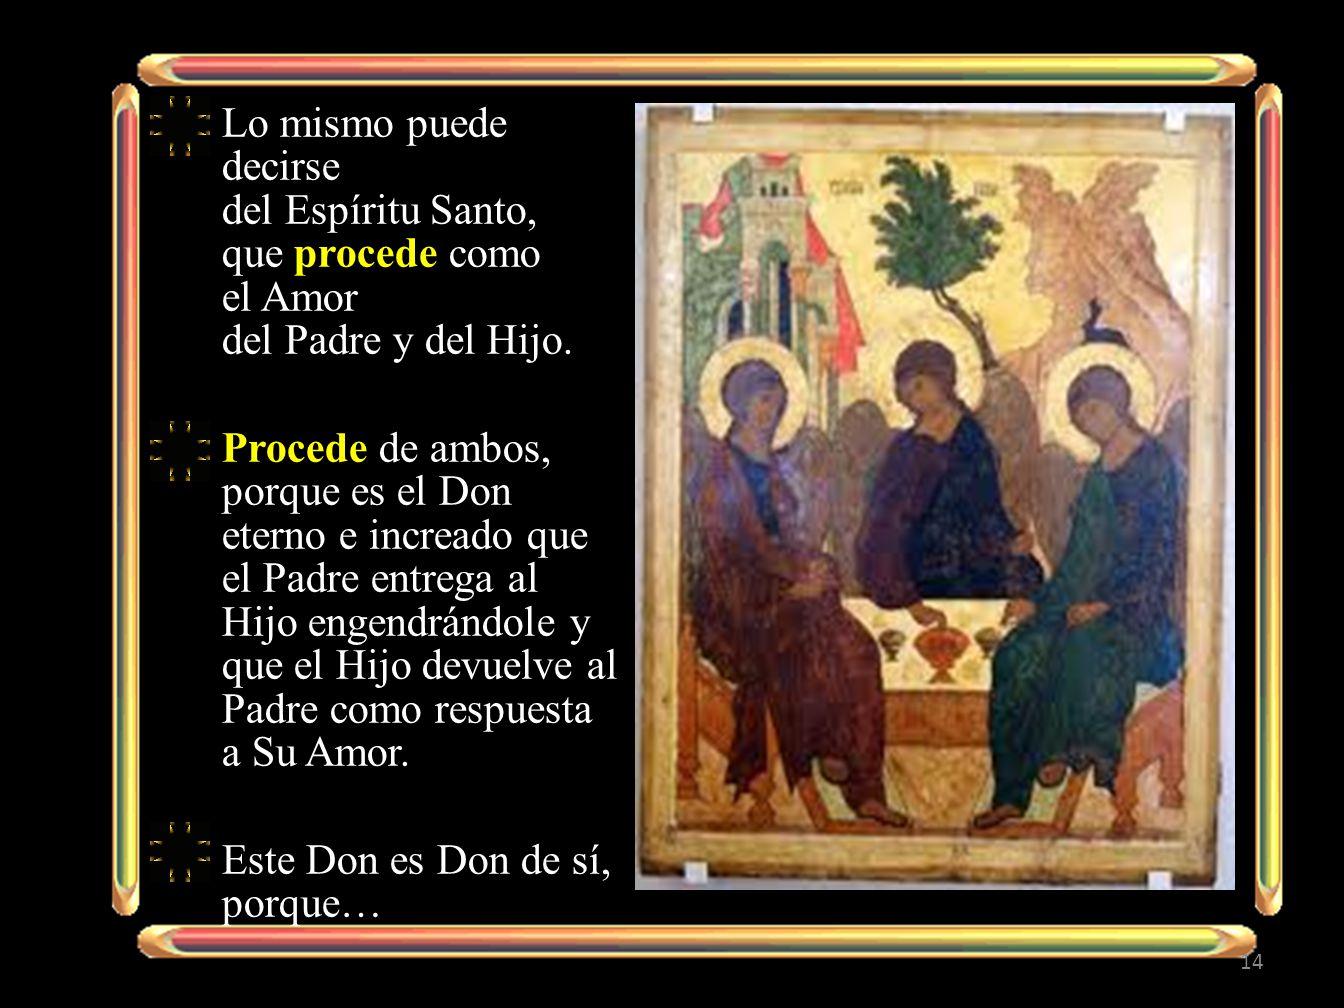 Lo mismo puede decirse del Espíritu Santo, que procede como el Amor del Padre y del Hijo.